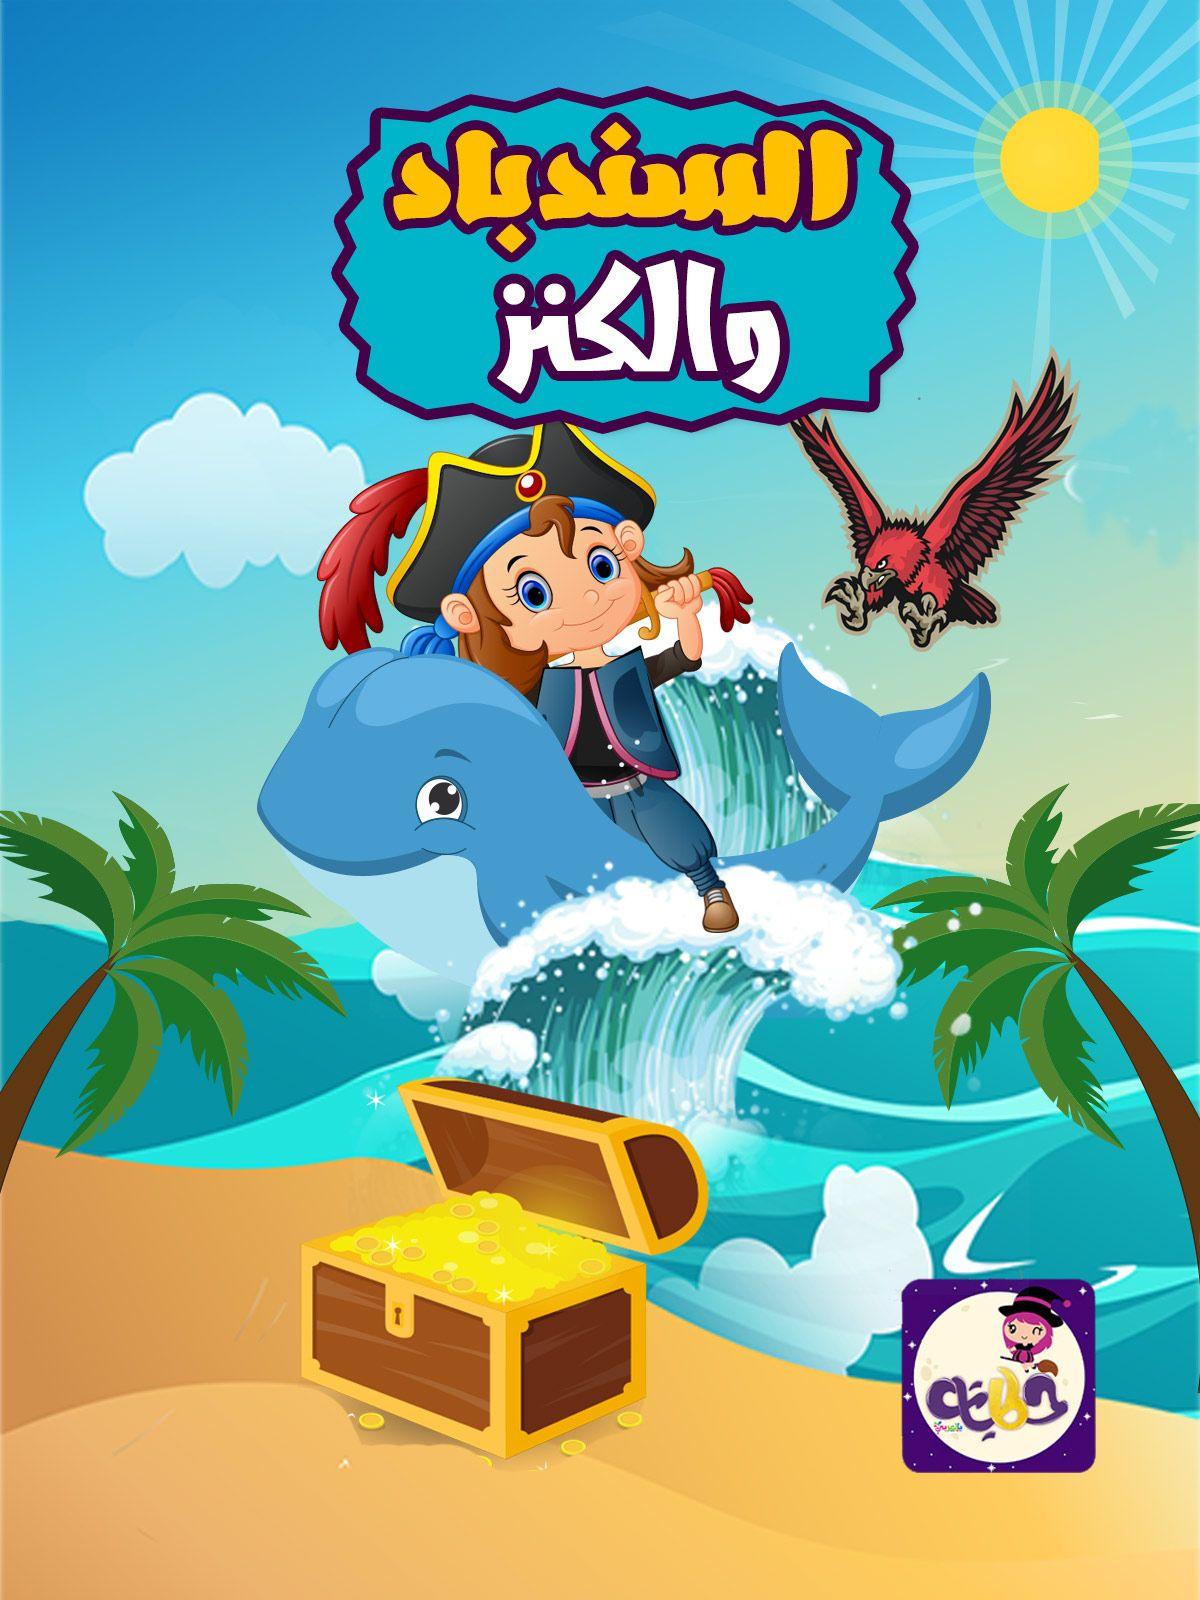 قصة السندباد في جزيرة الكنز قصة مميزة بتطبيق قصص وحكايات بالعربي قصص خيالية للاطفال Arabic Kids Stories For Kids Learning Arabic